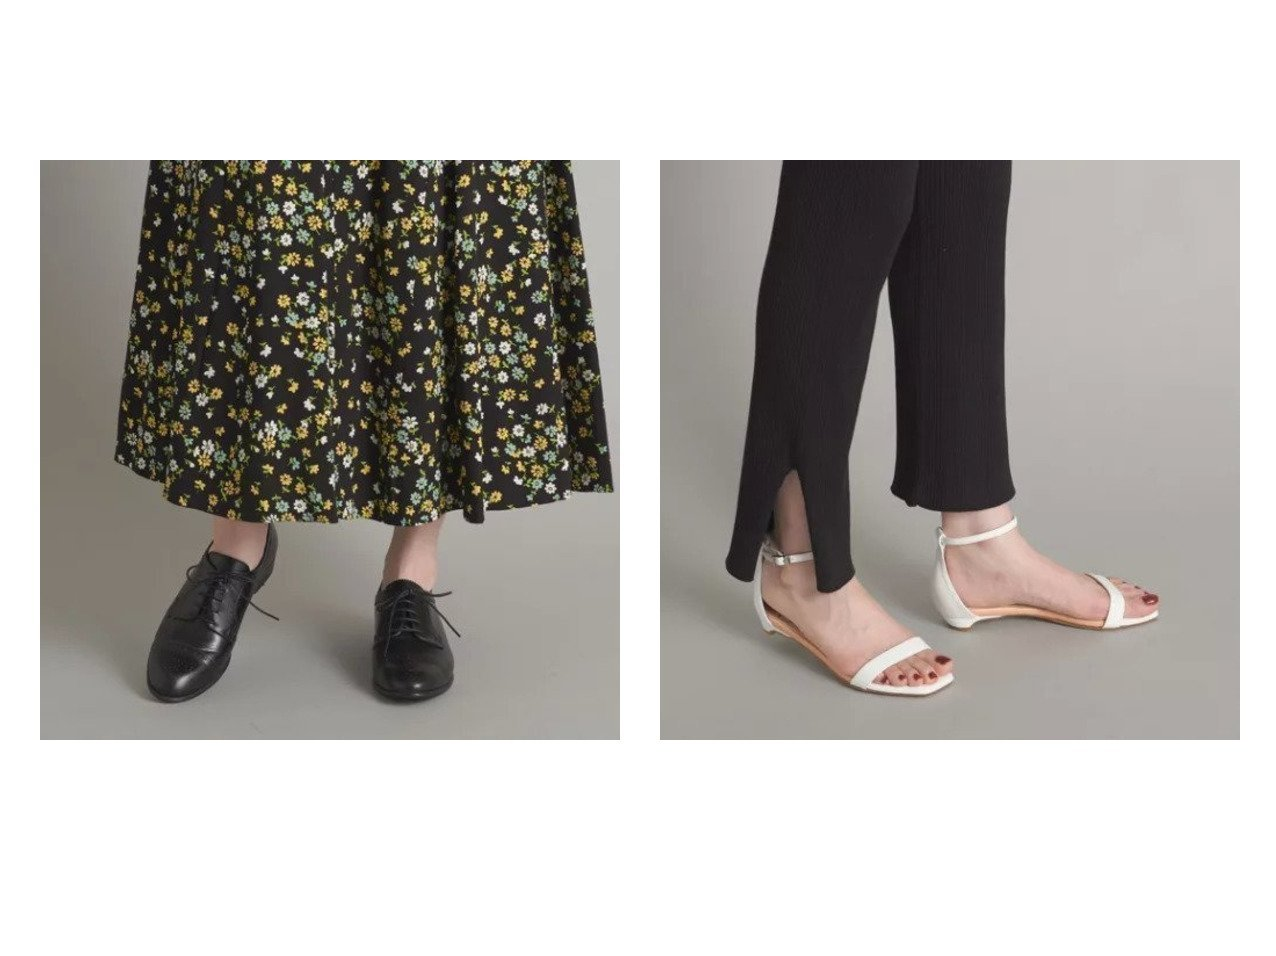 【Odette e Odile/オデット エ オディール】のOFC メダリオン FLT25↓↑&【WEB限定】O ワンベルト サンダル15●↓↑ 【シューズ・靴】おすすめ!人気、トレンド・レディースファッションの通販 おすすめで人気の流行・トレンド、ファッションの通販商品 メンズファッション・キッズファッション・インテリア・家具・レディースファッション・服の通販 founy(ファニー) https://founy.com/ ファッション Fashion レディースファッション WOMEN ベルト Belts シューズ 人気 フラット |ID:crp329100000031440